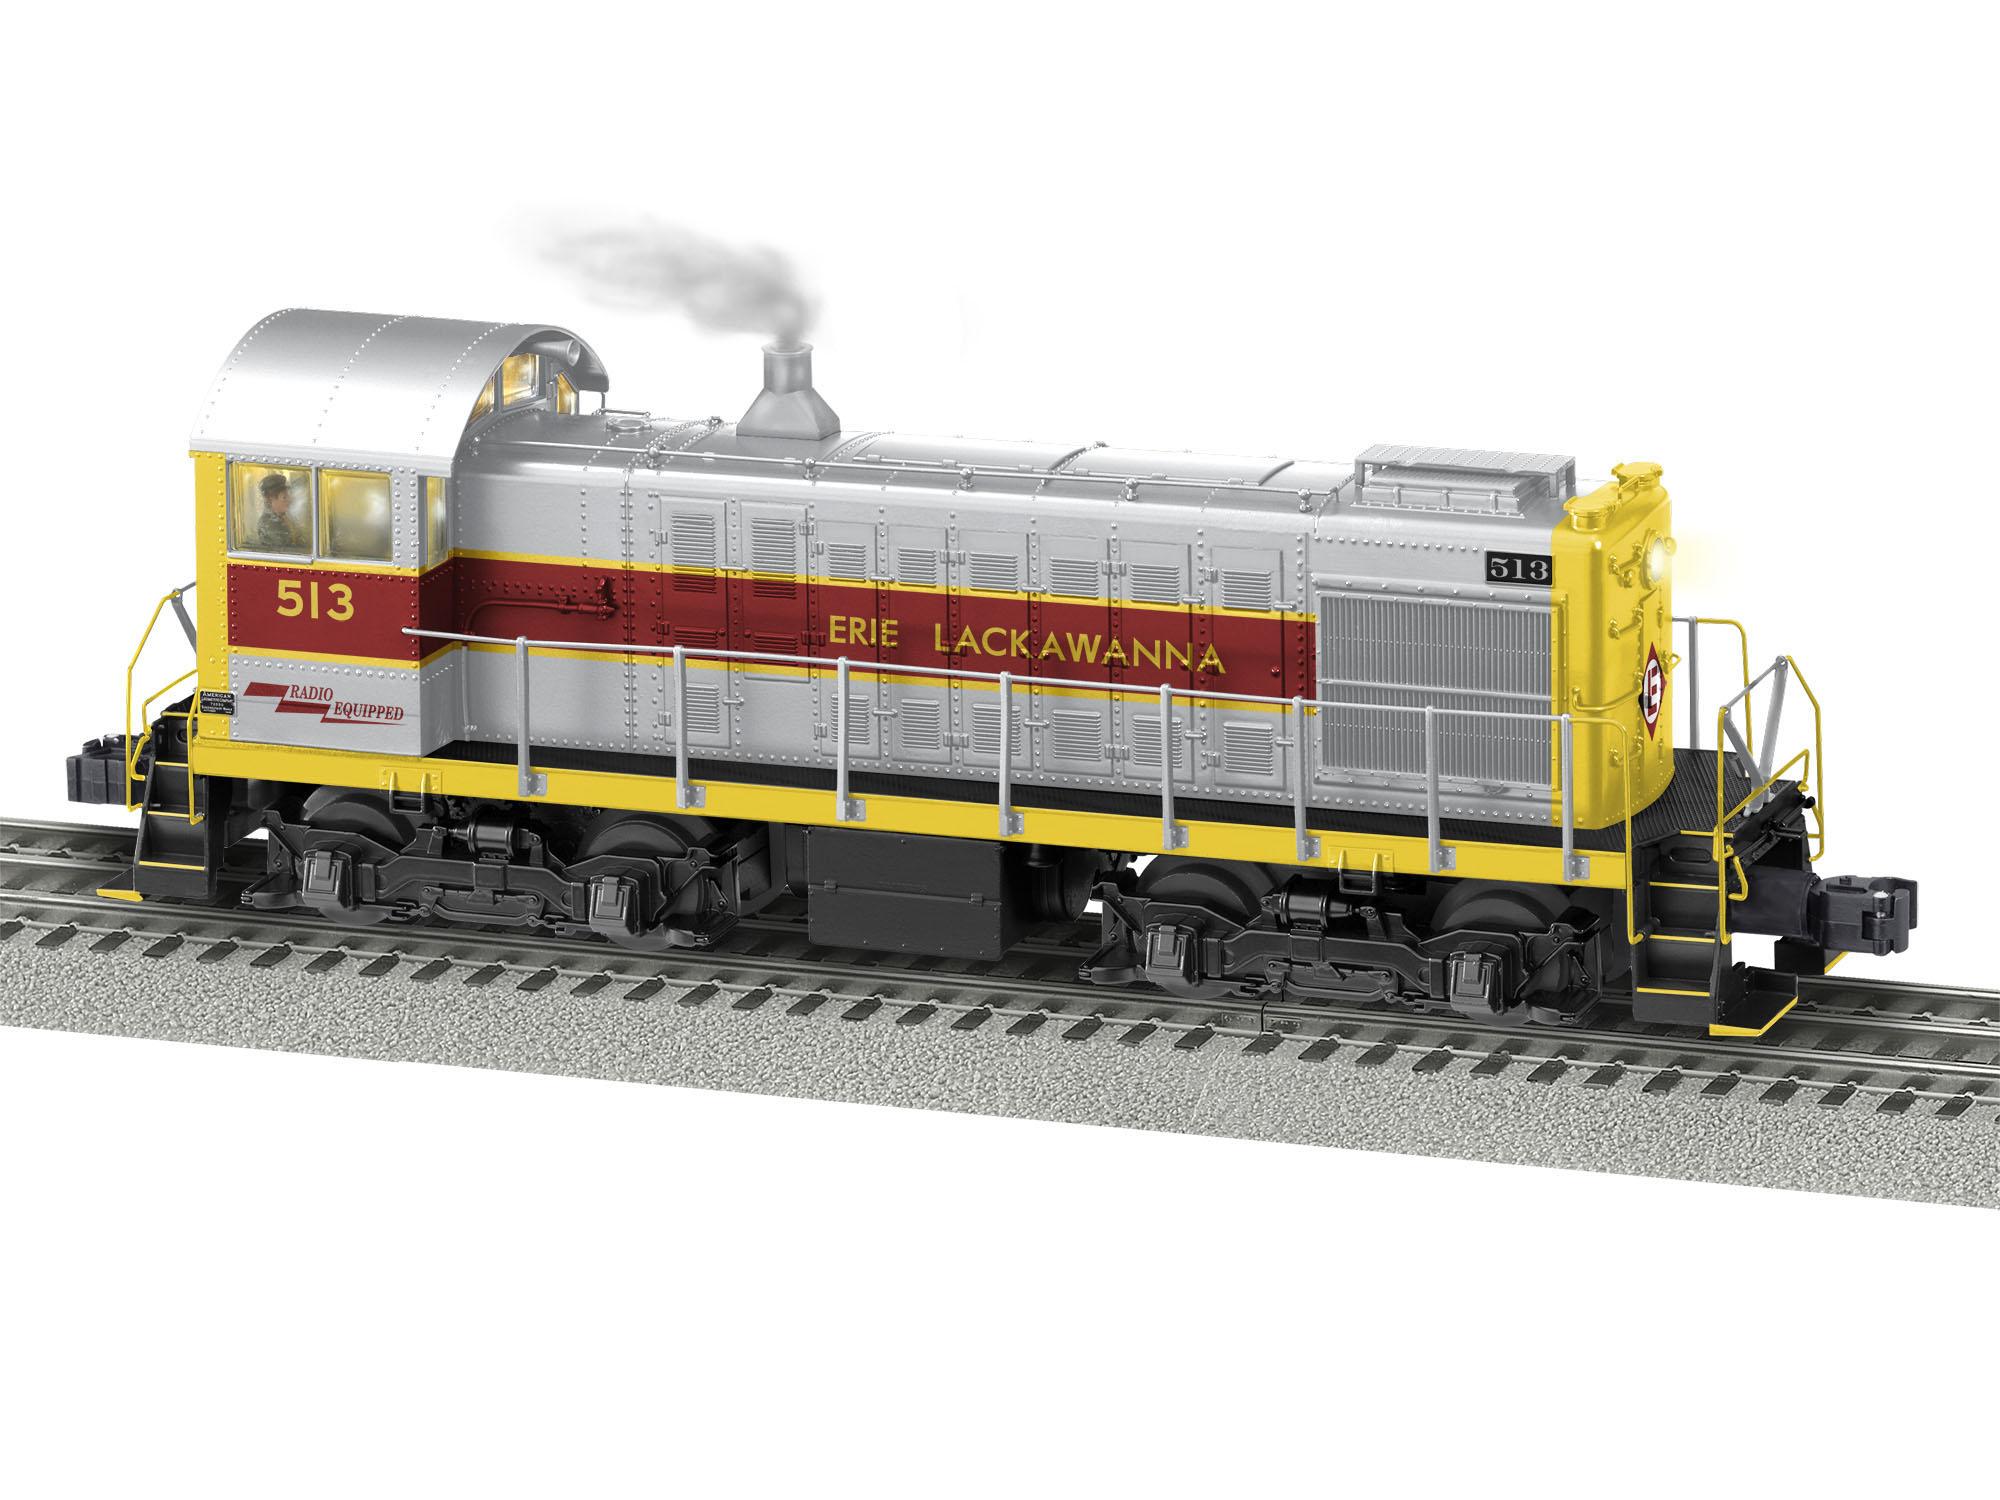 Lionel 2033080 O Alco S4 3-Rail Legacy Sound and Control Erie Lackawanna 513 434-2033080